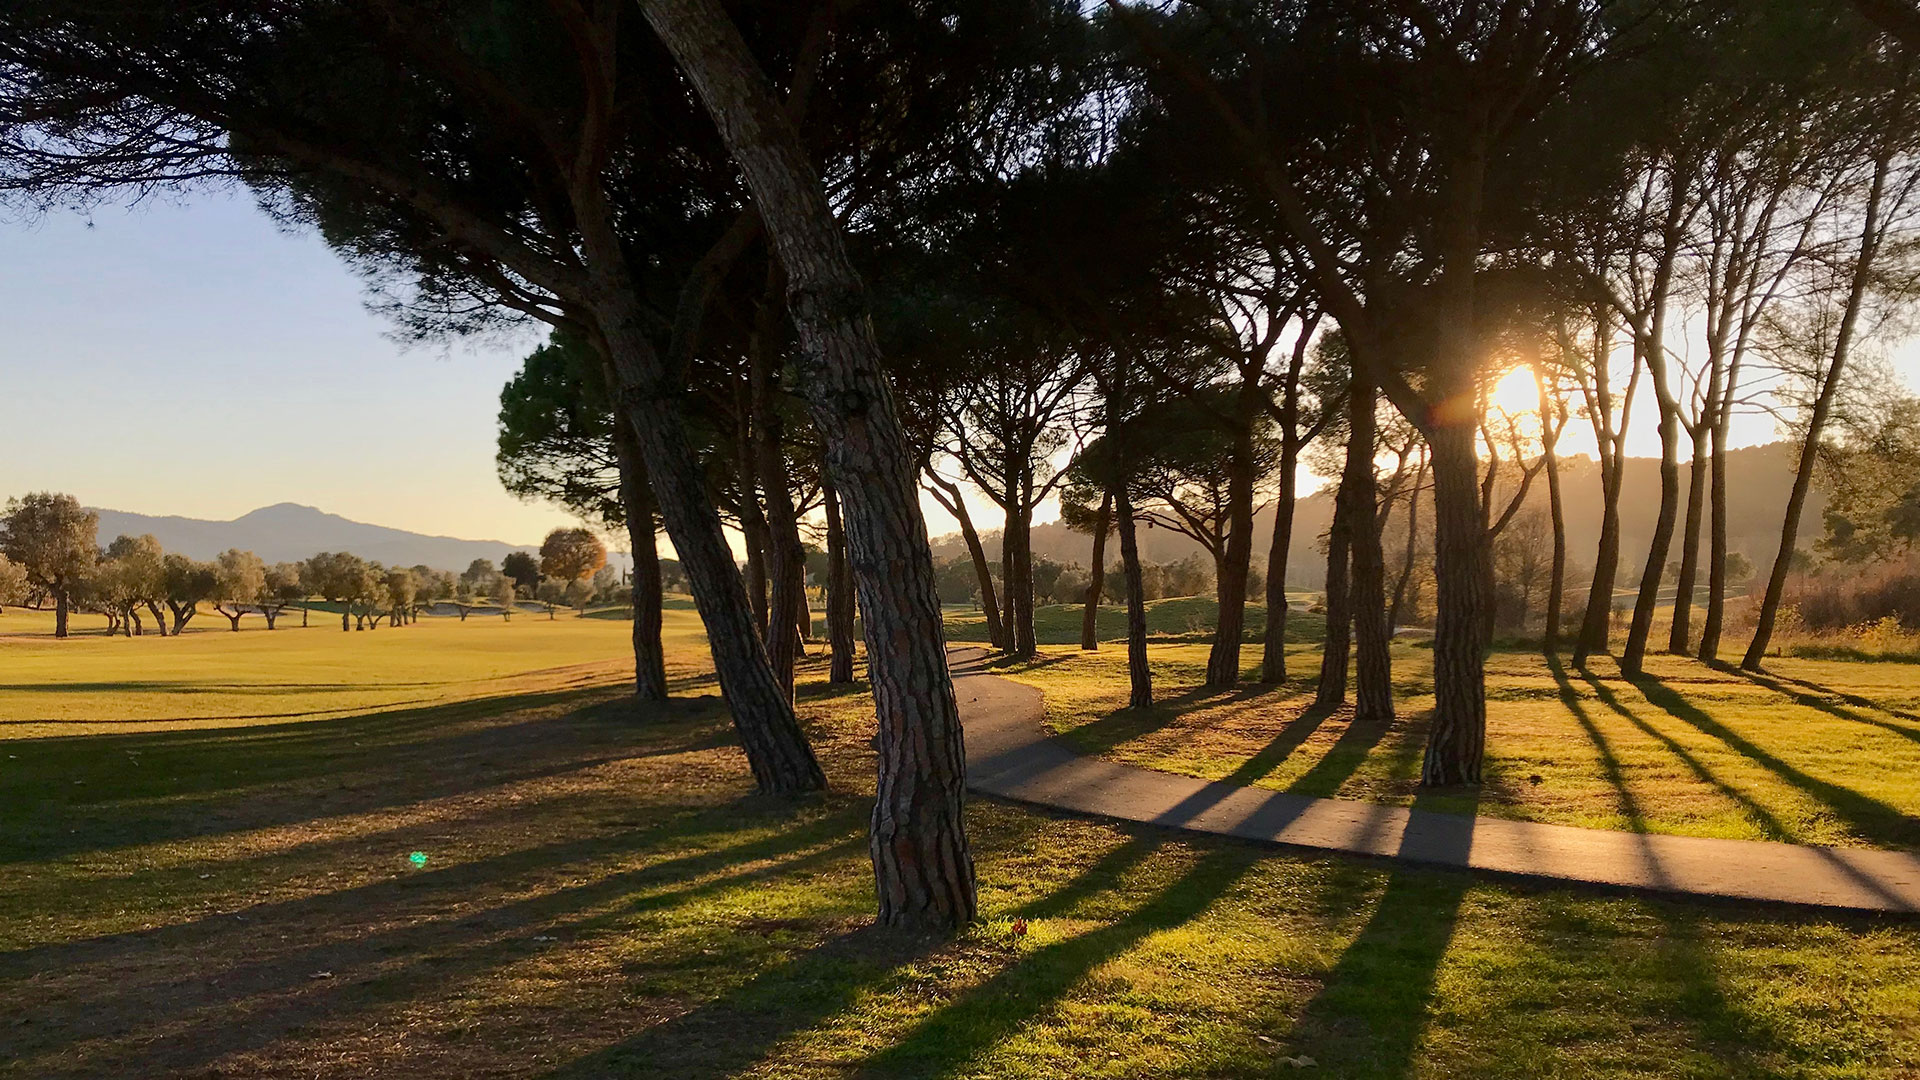 campo de golf la roca arboles atardecer y camino